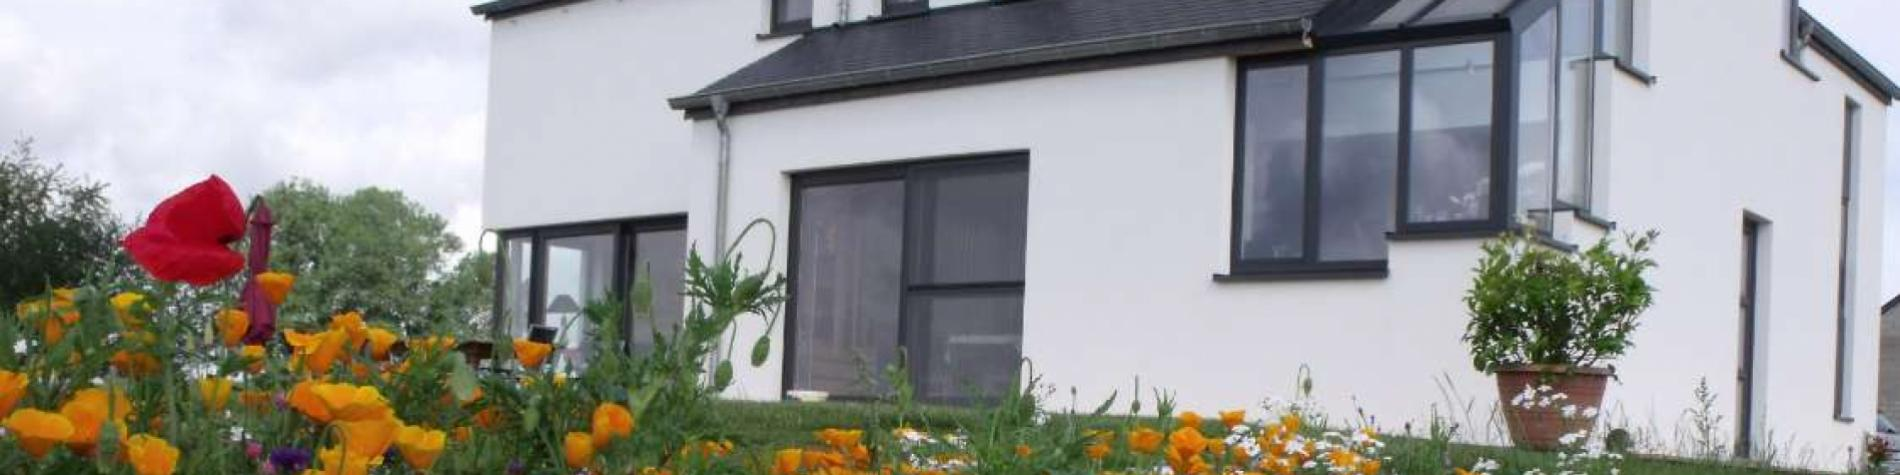 Maison d'hôtes - OTempsGaume - Florenville